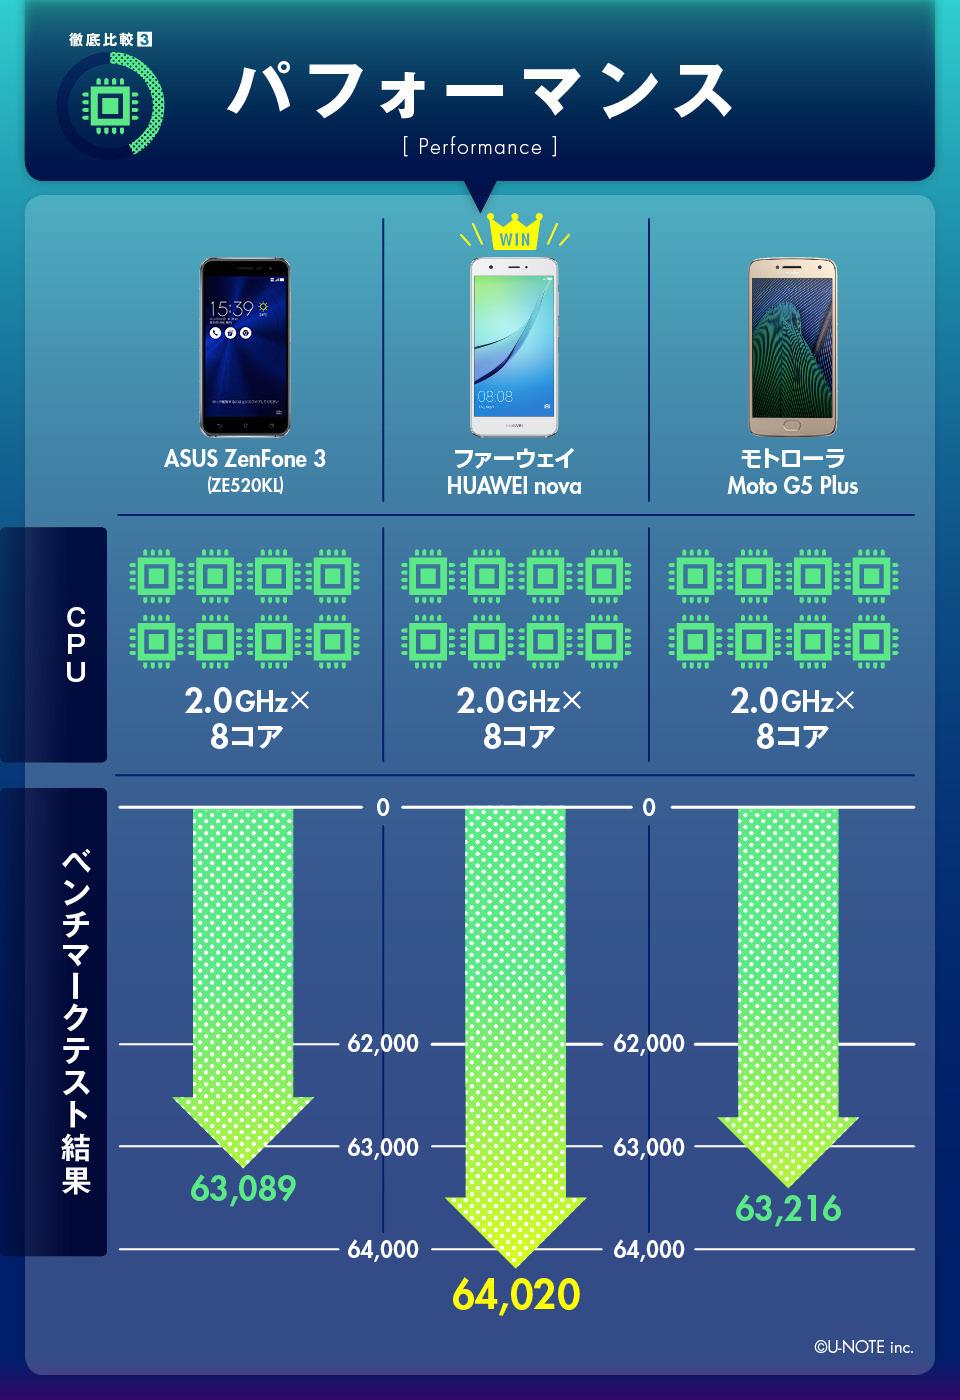 インフォグラフィックで丸わかり! SIMフリー御三家の売れ筋モデルガチンコ比較!! 7番目の画像